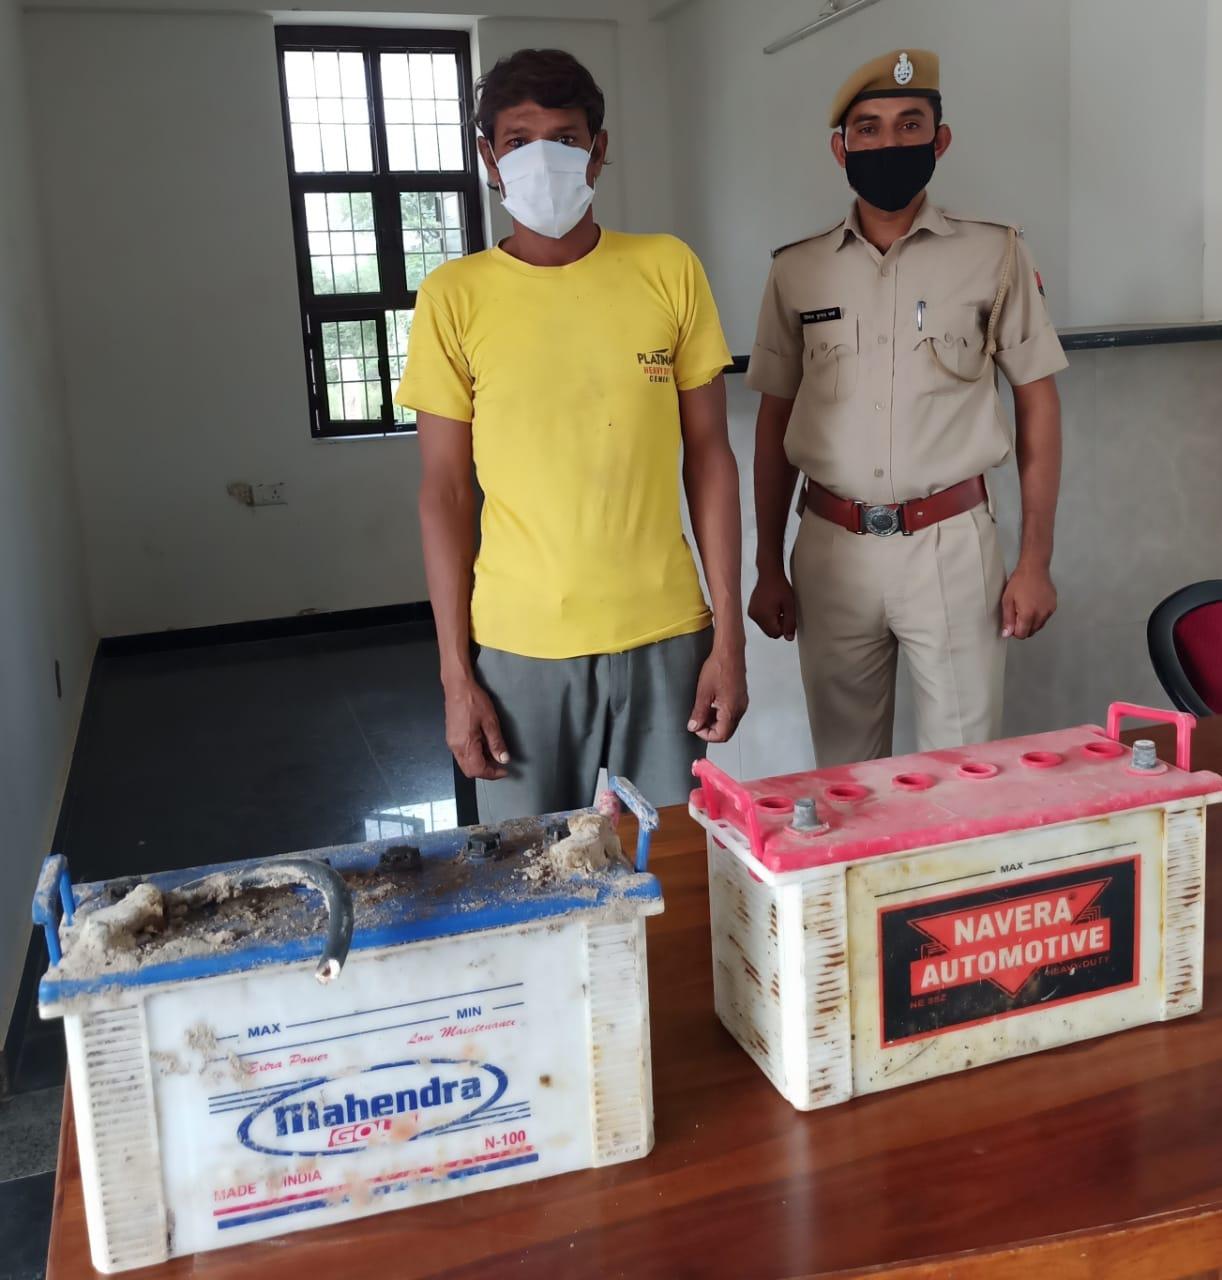 पुलिस गिरफ्त में बैटरी चोर व बरामद की गई बैटरी।